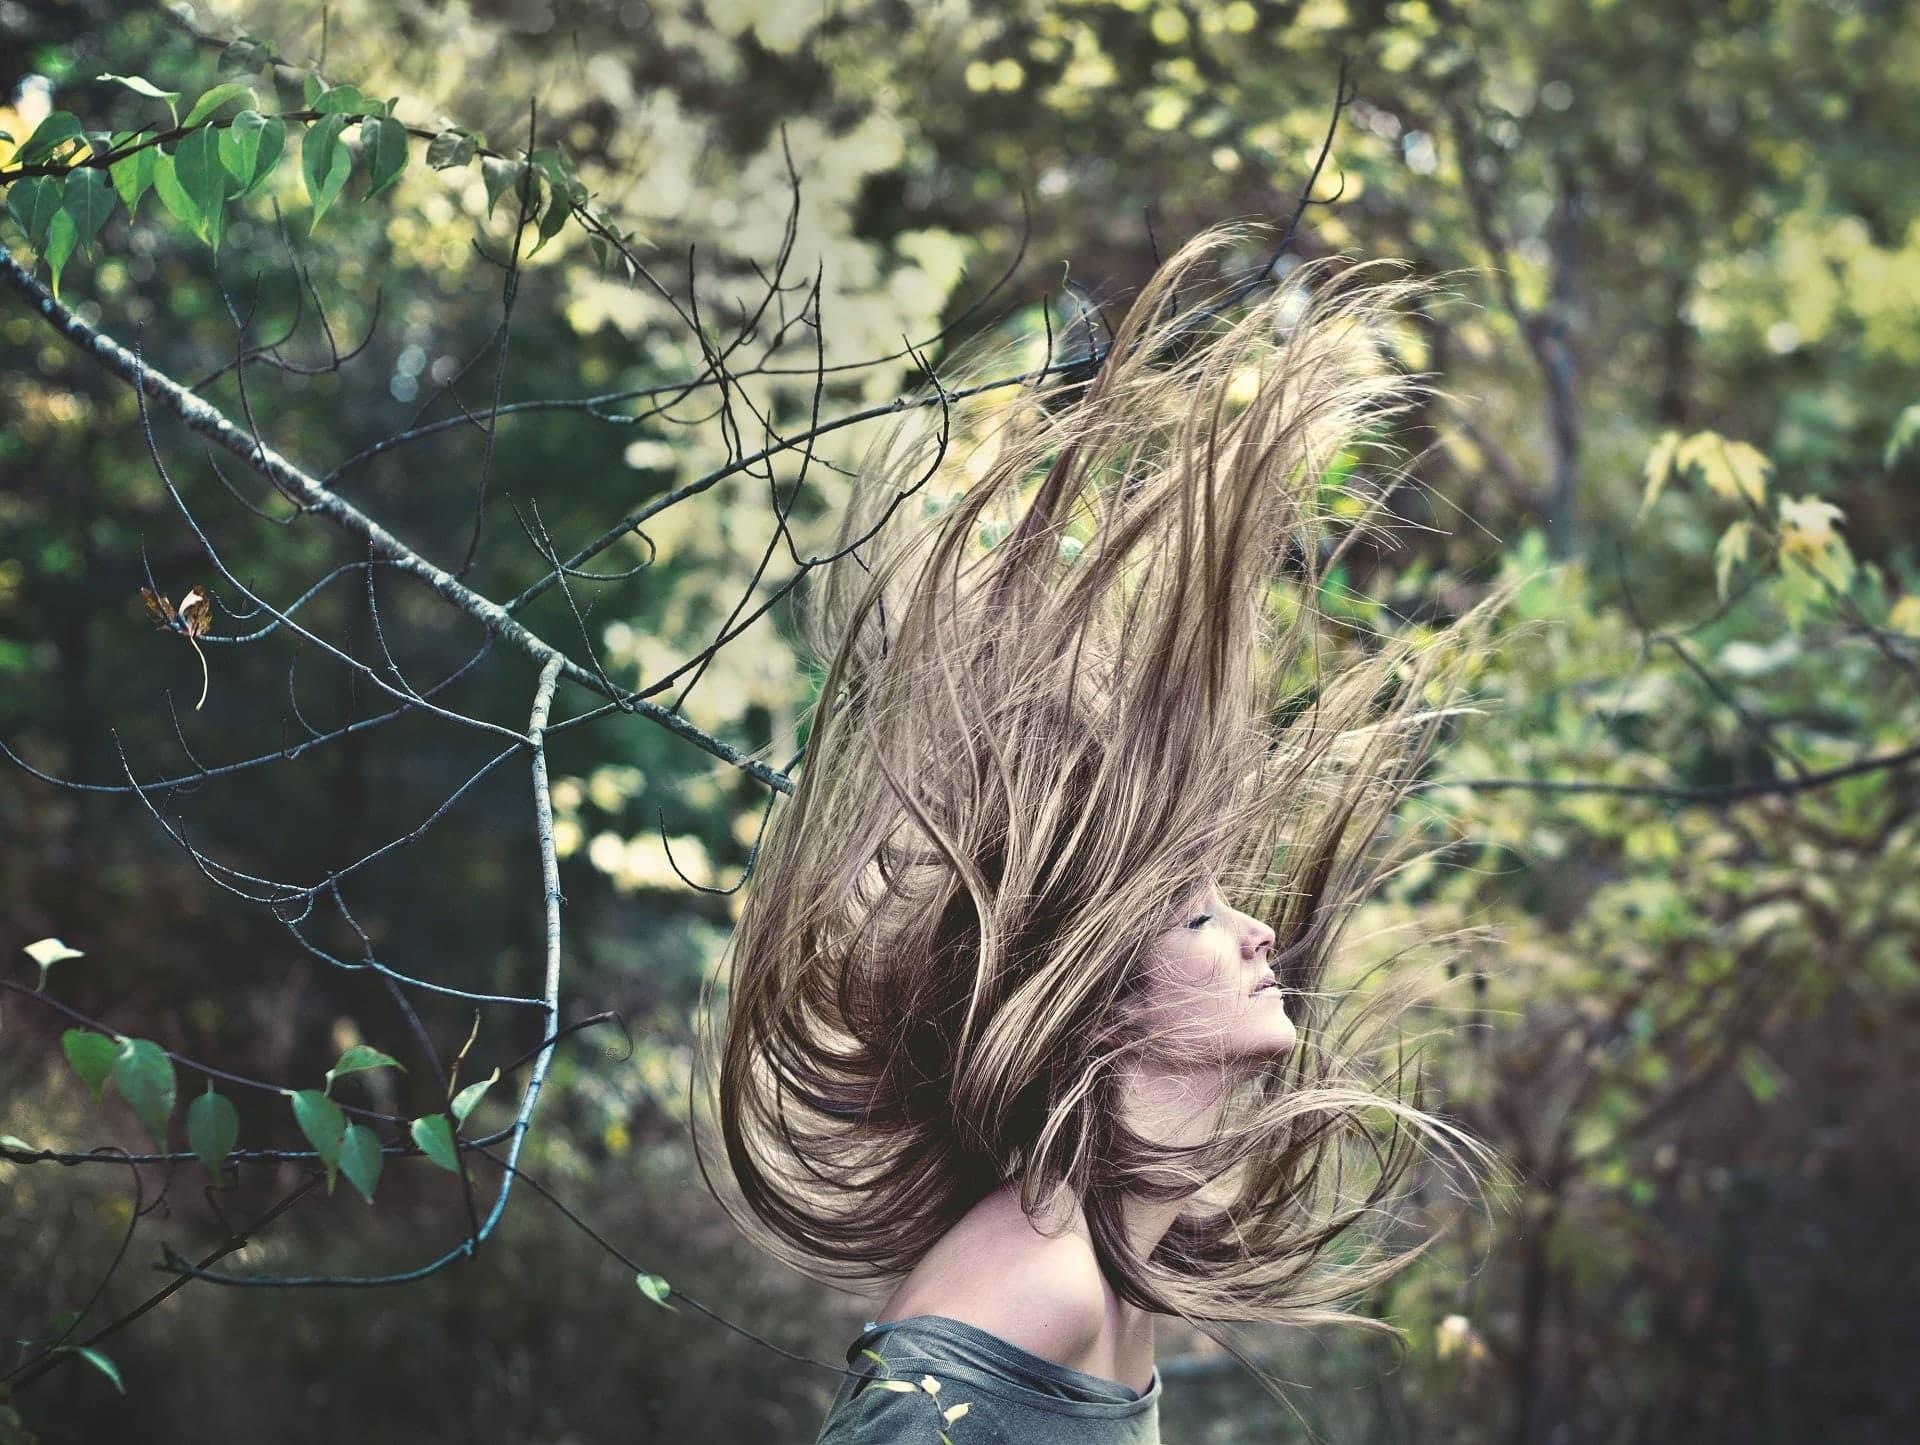 Plaukų priežiūra natūraliomis priemonėmis